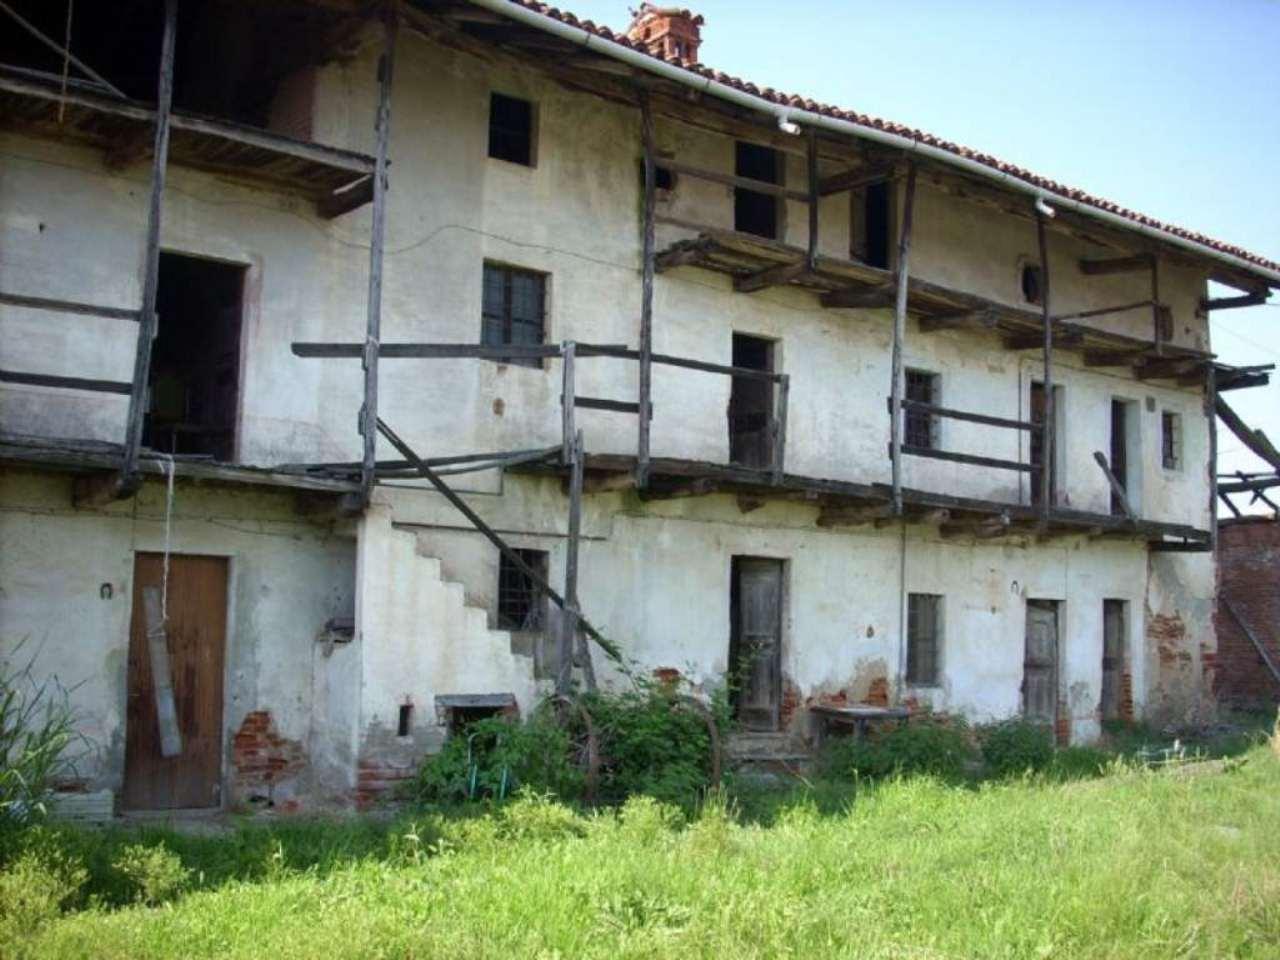 Rustico / Casale in vendita a Oleggio, 20 locali, prezzo € 800.000 | Cambio Casa.it